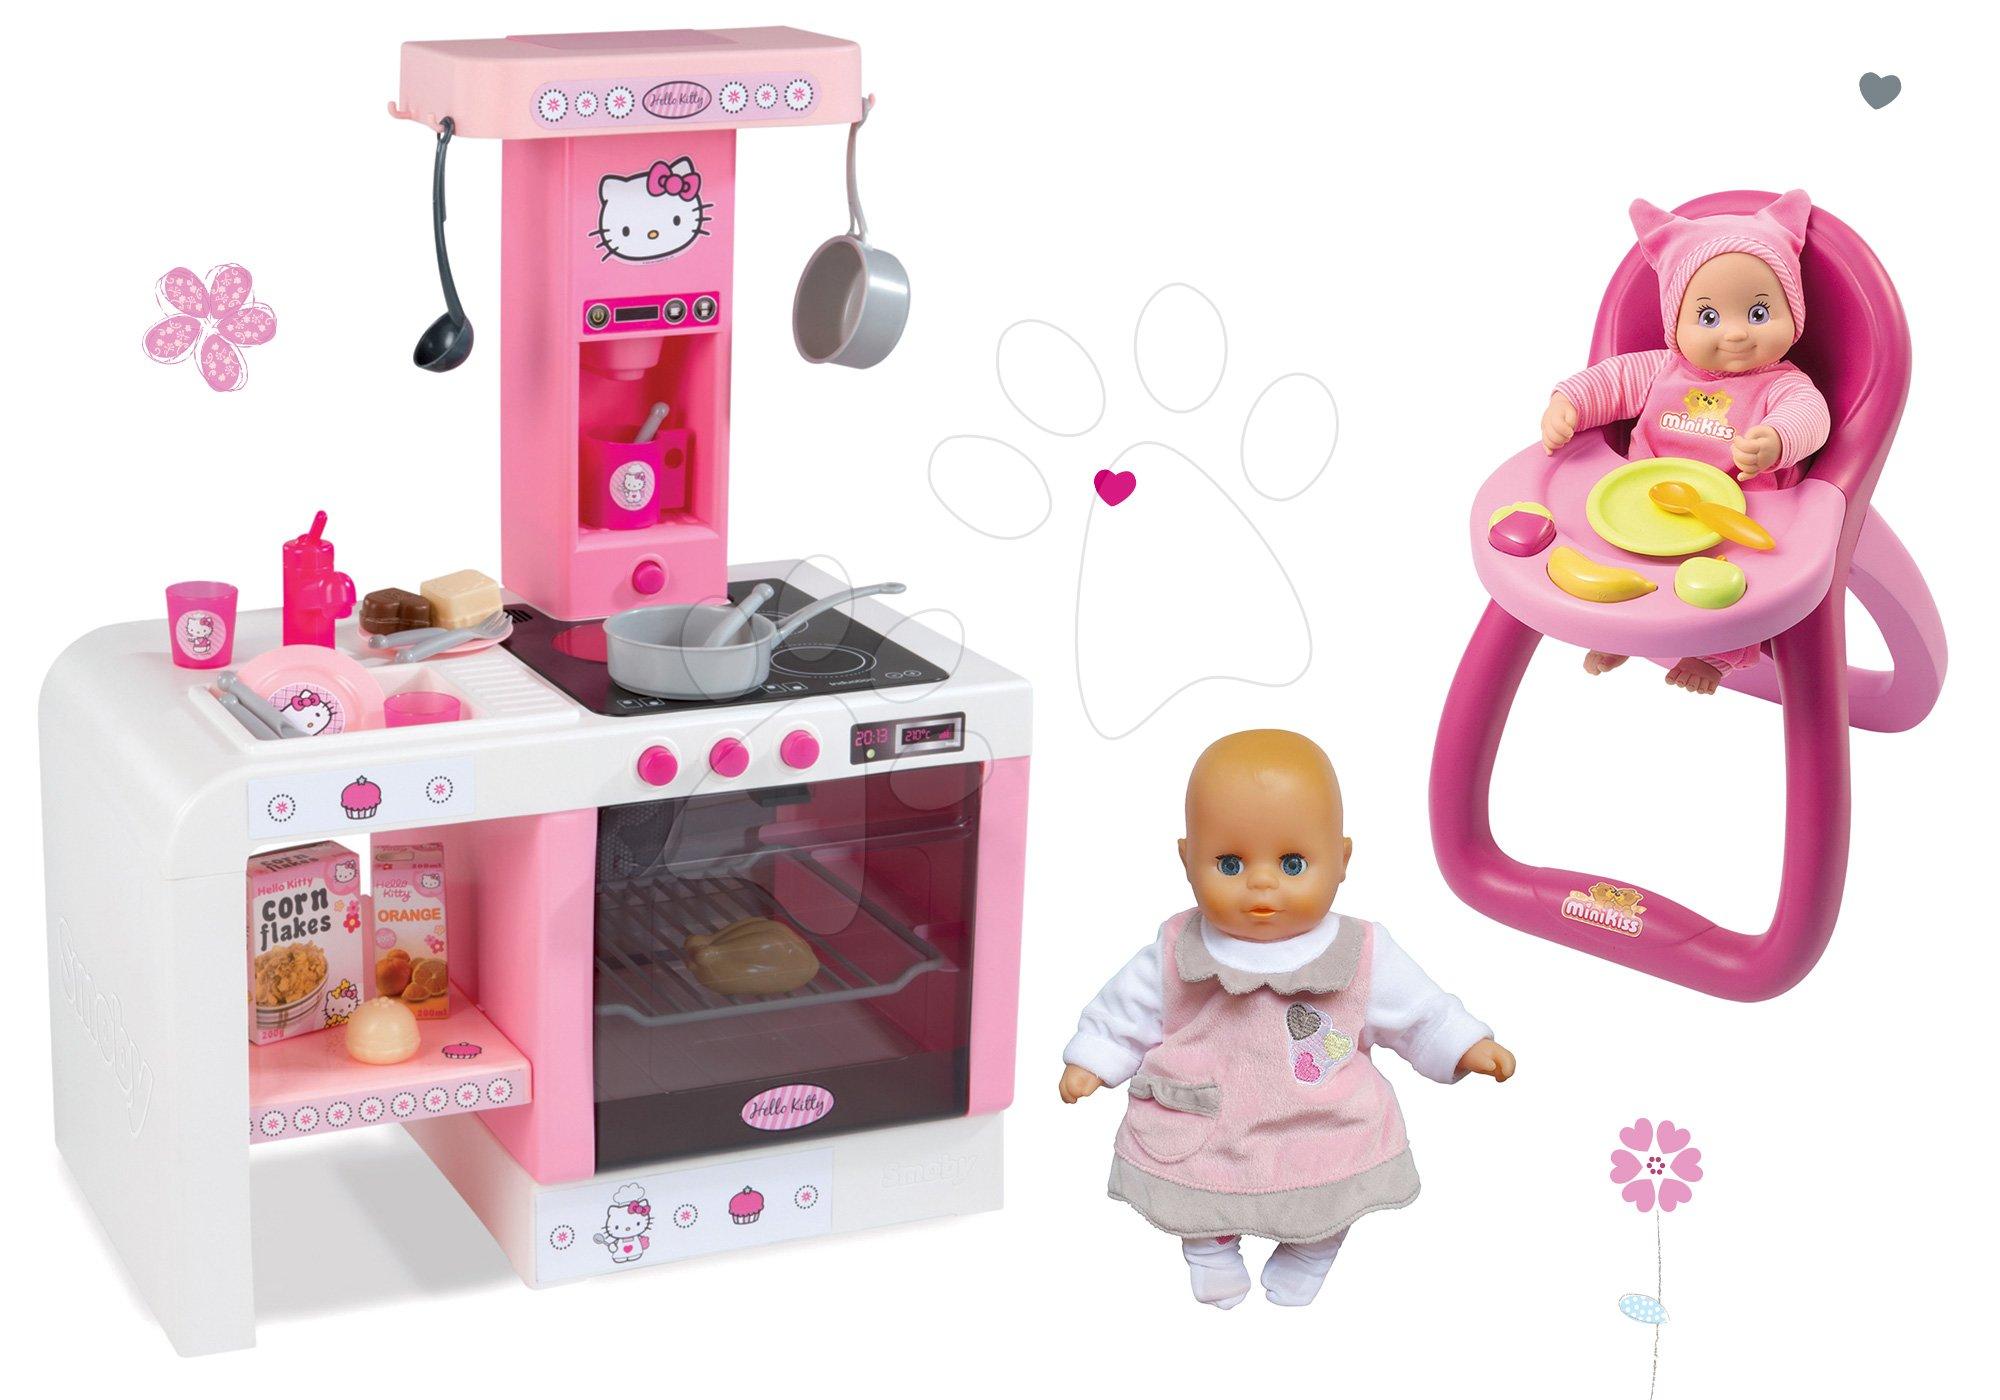 Komplet kuhinja Hello Kitty Cheftronic Smoby z zvoki in 19 dodatki, stolček za hranjenje in rožnato dojenček